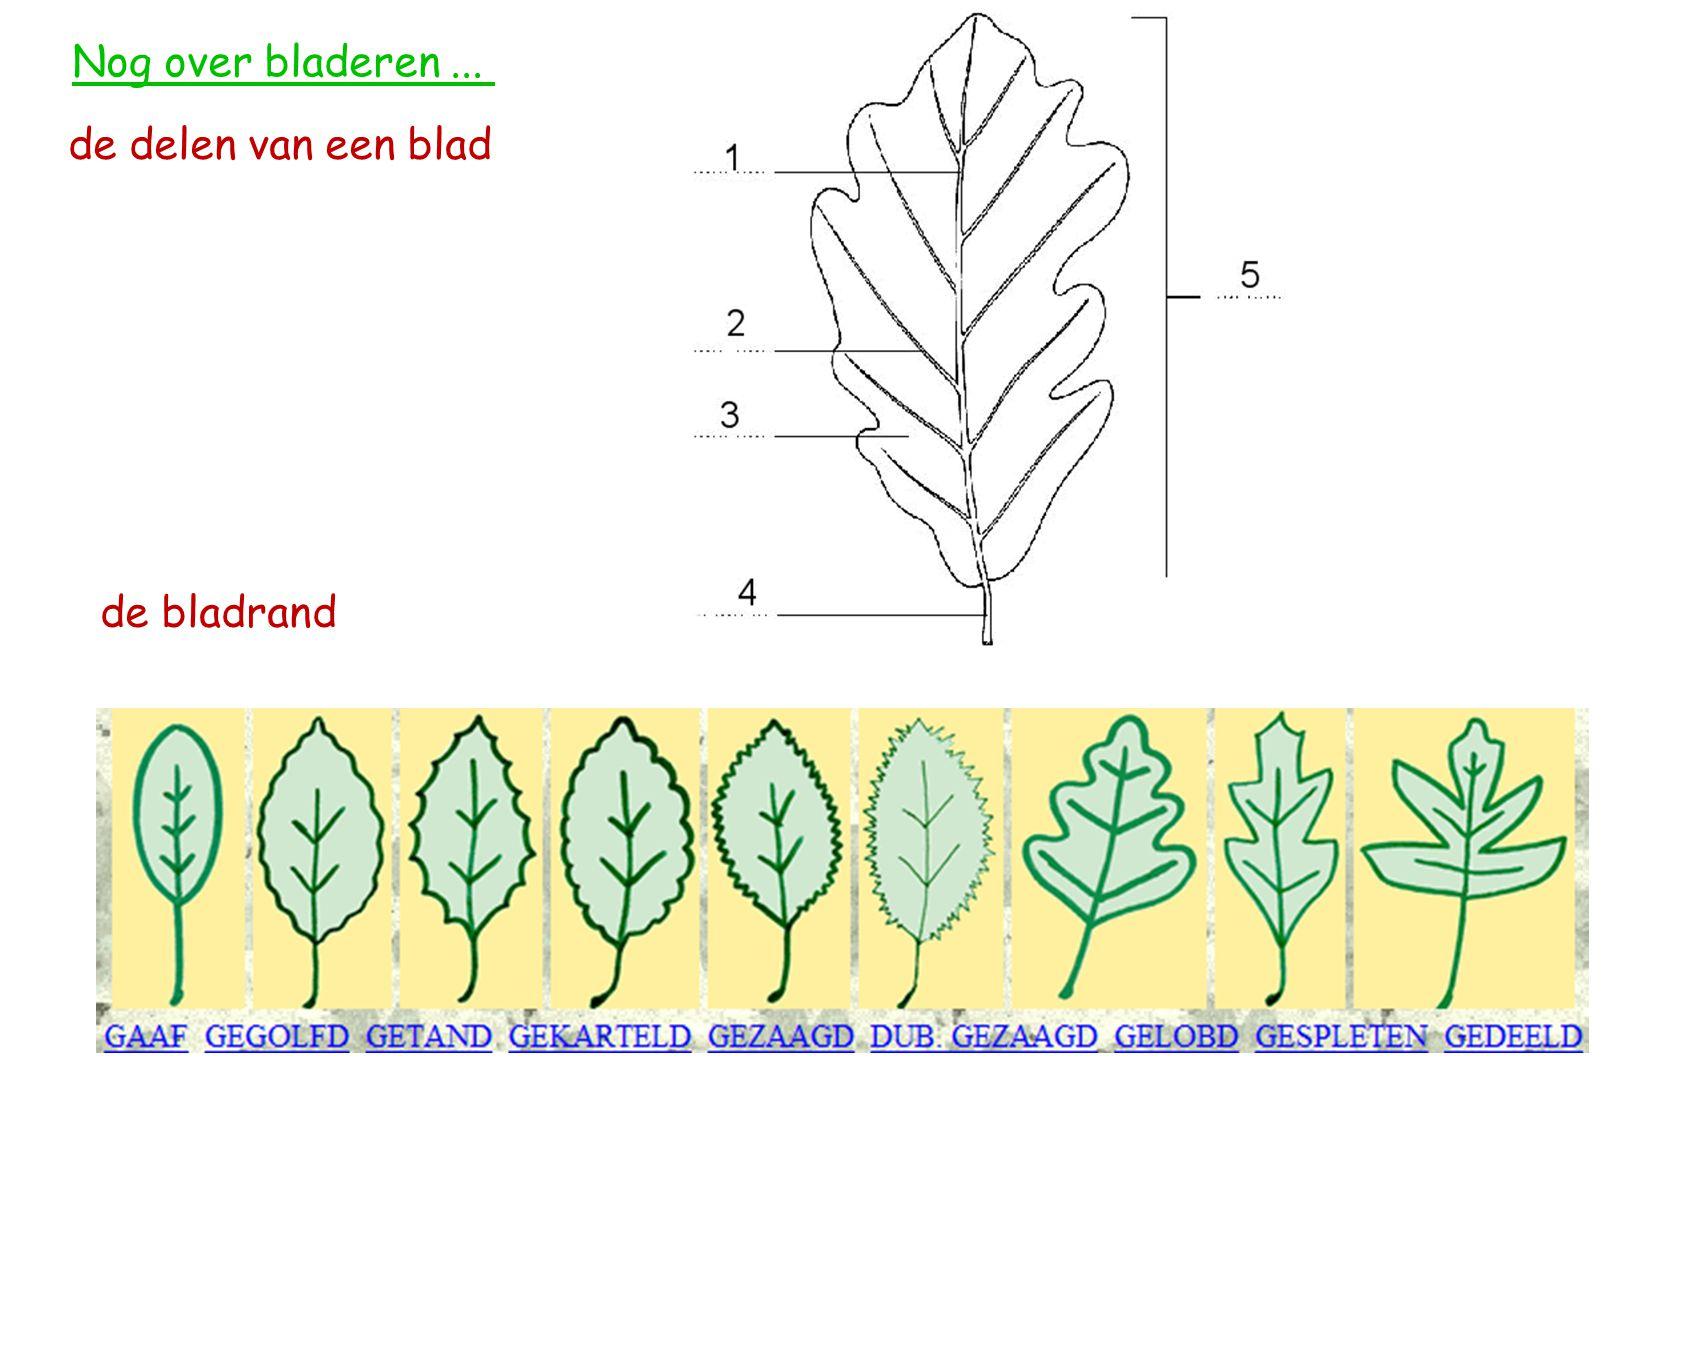 Nog over bladeren ... de delen van een blad de bladrand